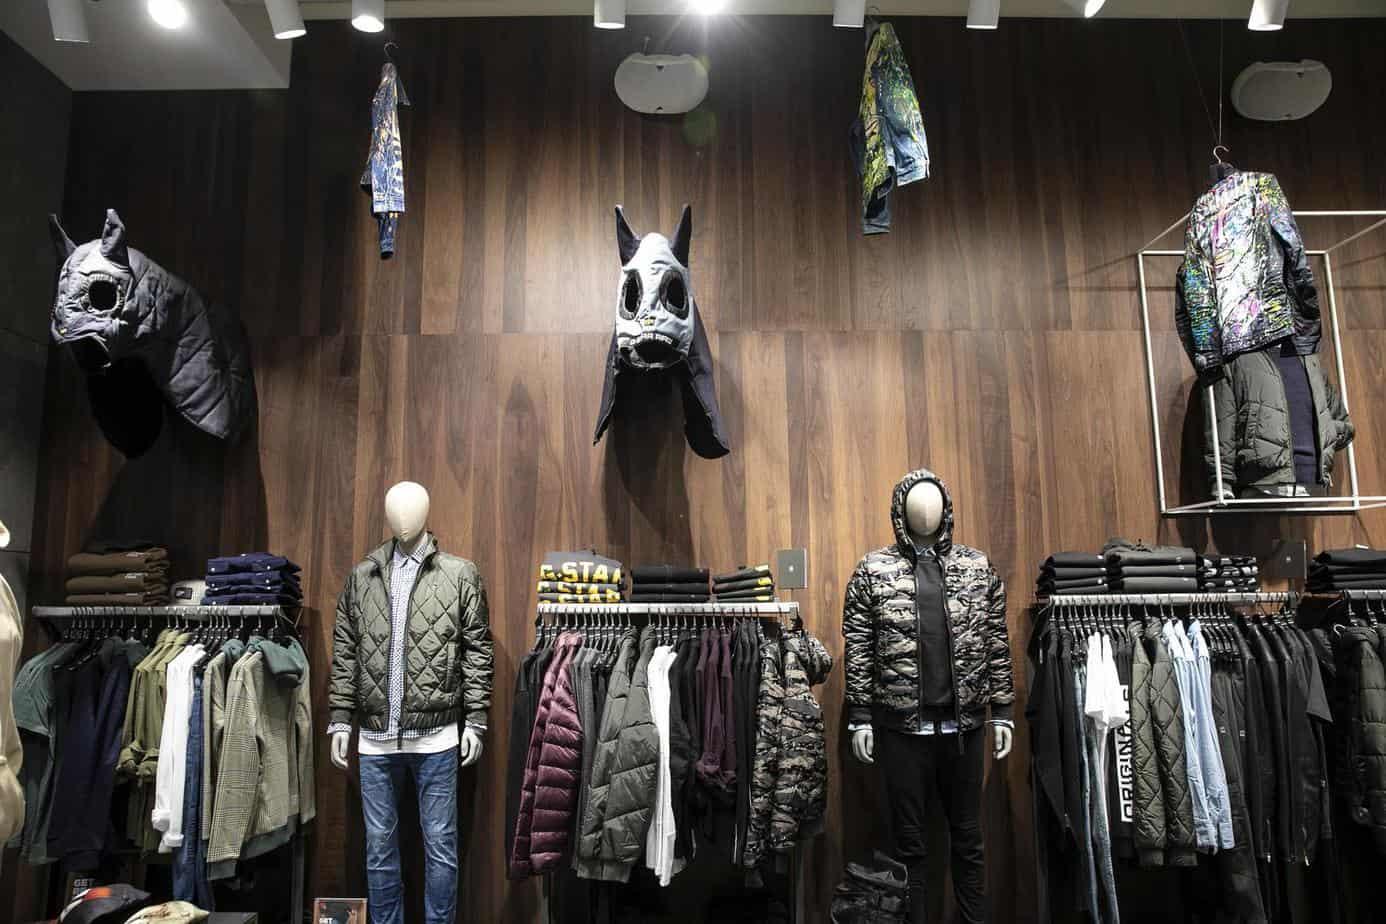 החנות החדשה. ג'י סטאר קניון רמת אביב. צילום: לנס הפקות